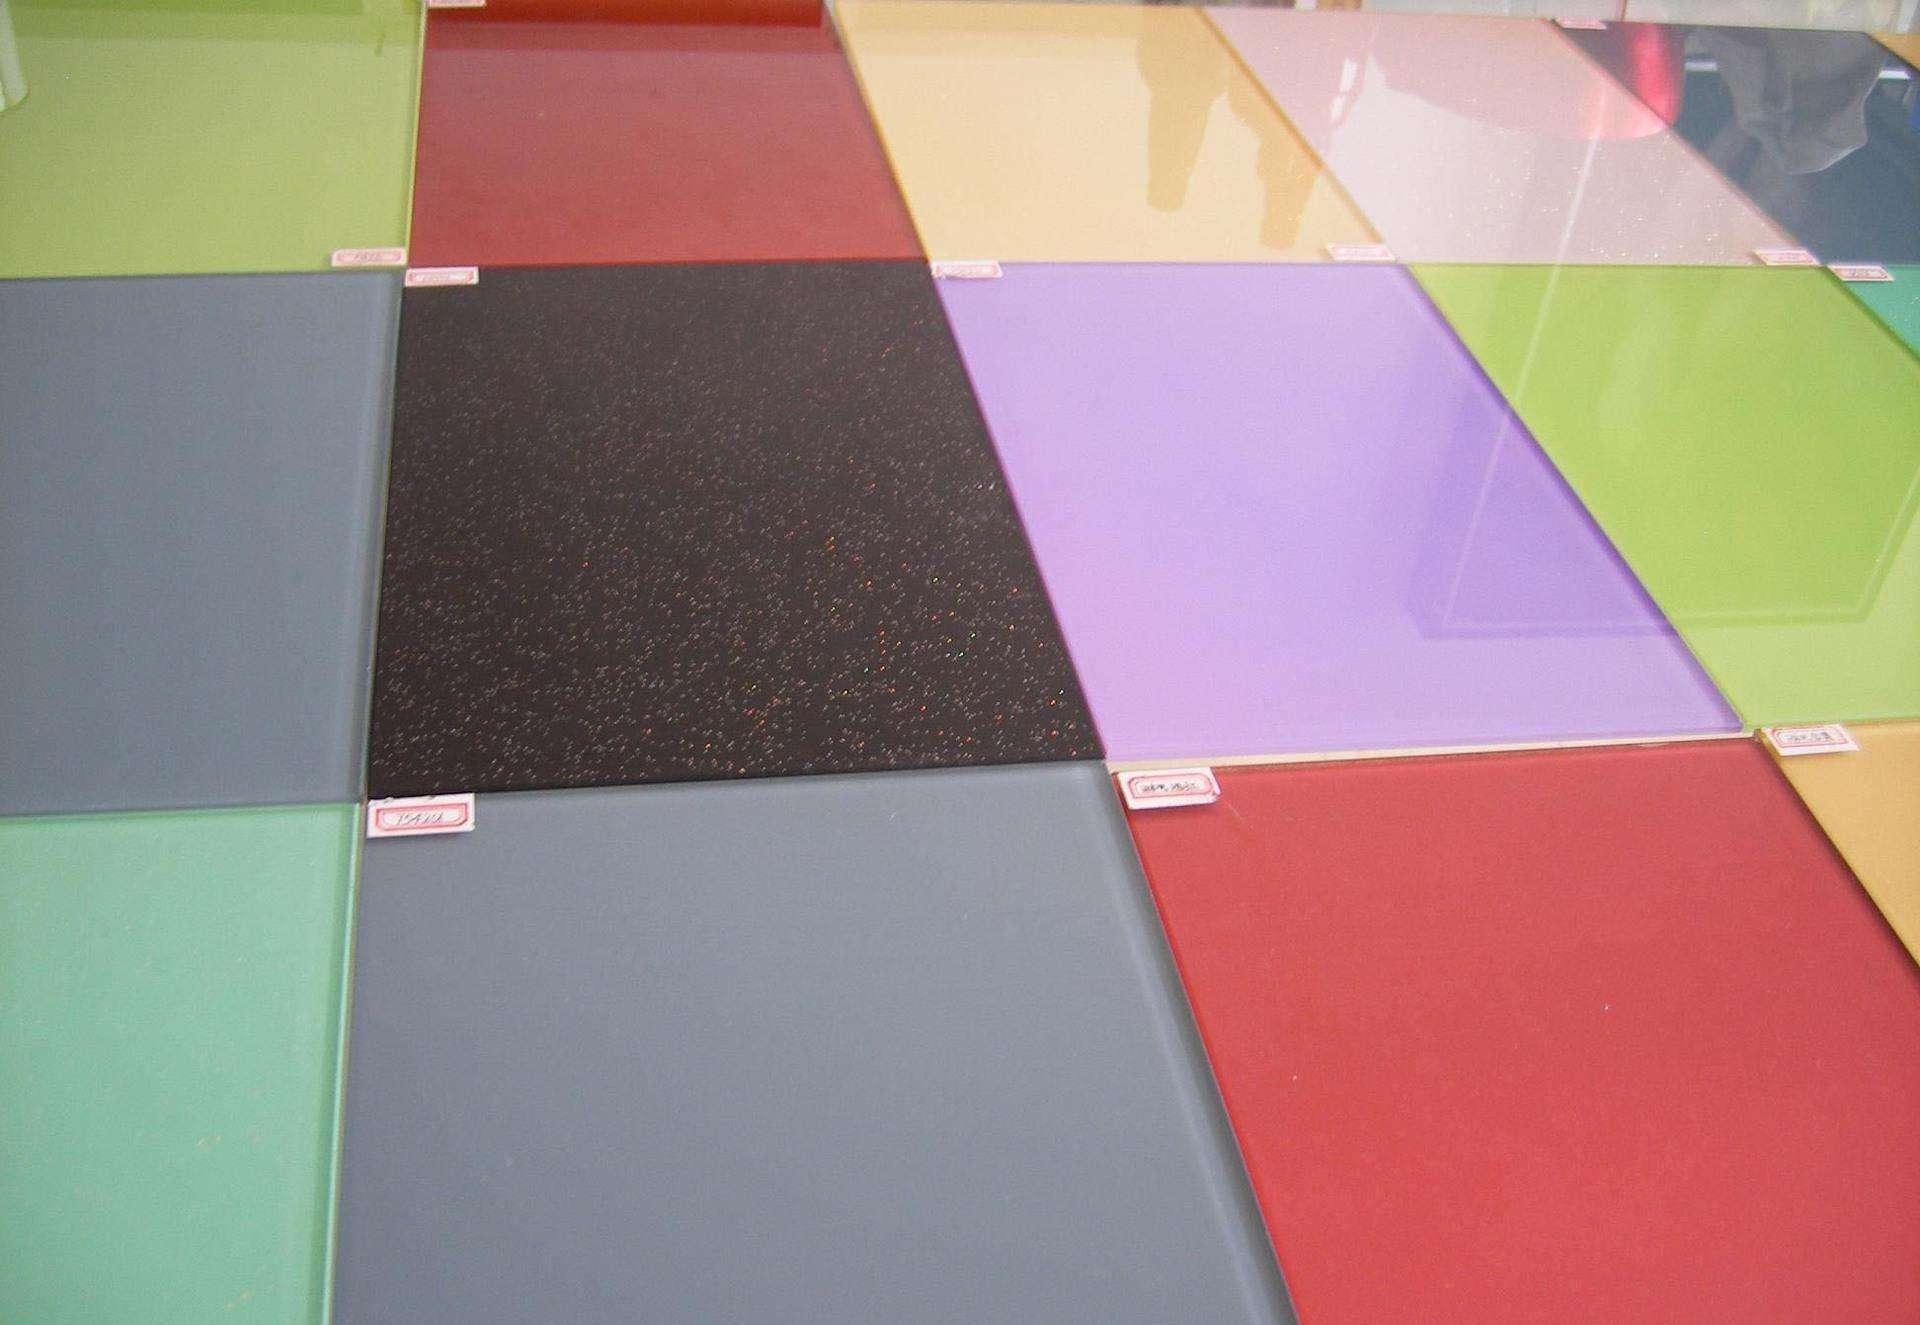 什么是烤漆玻璃?烤漆玻璃厚度一般是多少?